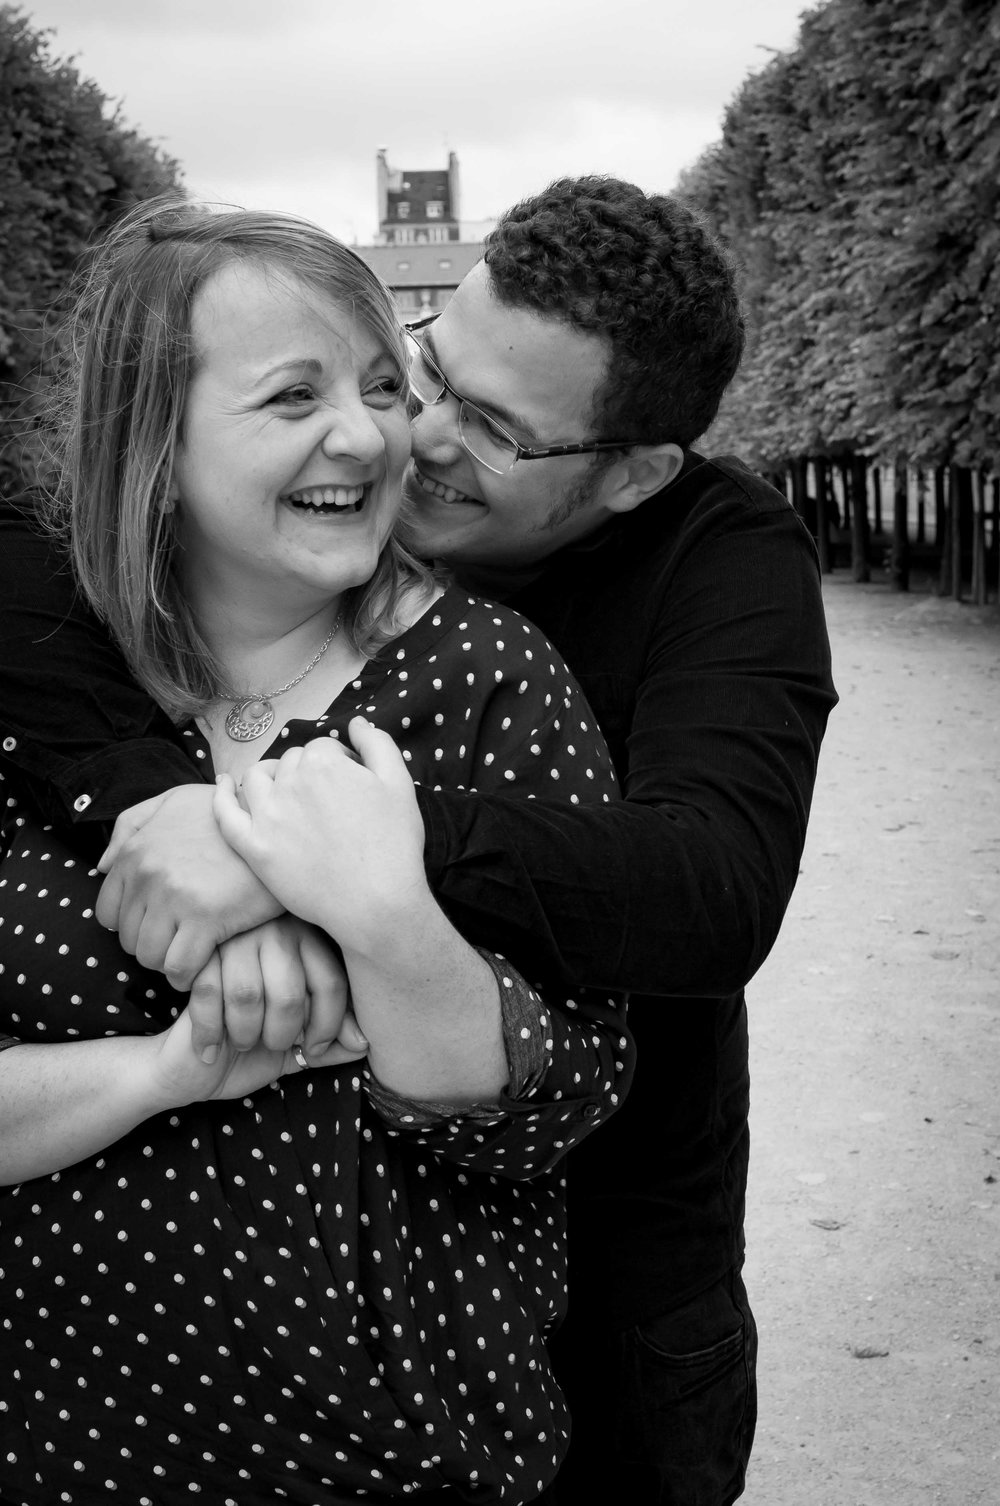 """Jenny : """"Cette photo décrit notre amour, des rires sans cesse, de la complicité, mon homme qui m'entoure, nos mains liées, cette photo montre notre amour tel qu'il est, doux, fort, et passionné """""""